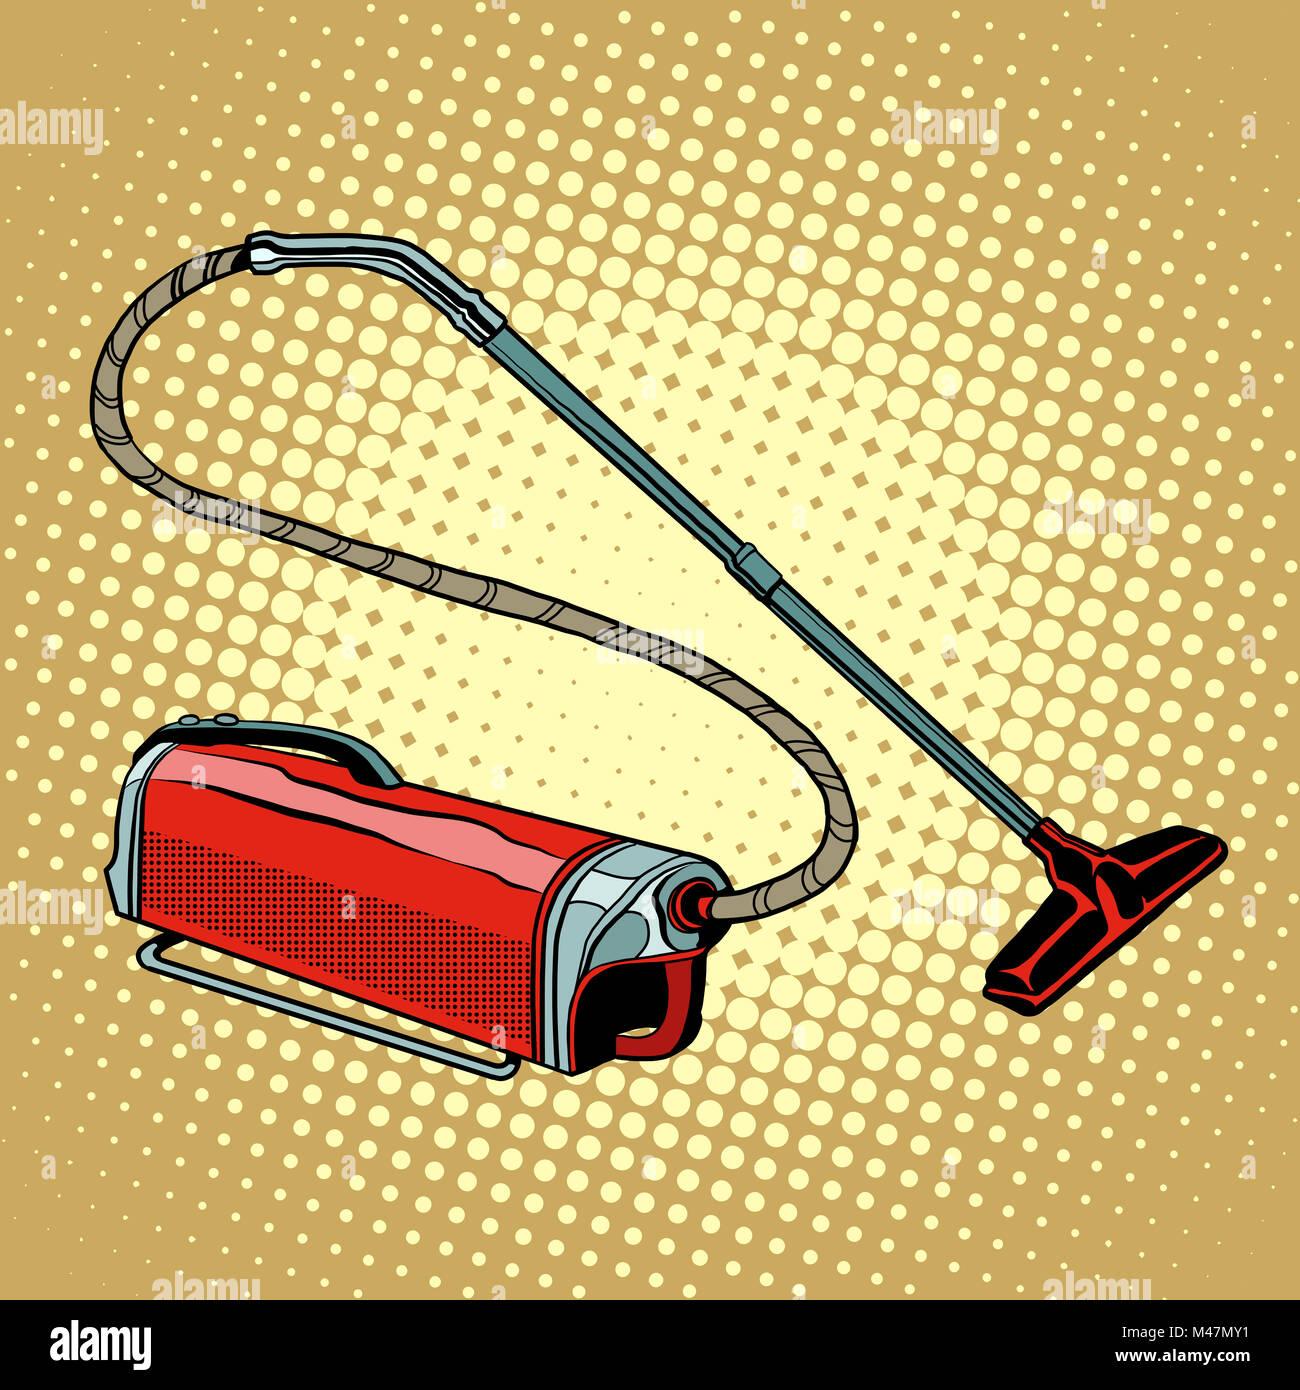 Retro vacuum cleaner home appliances - Stock Image